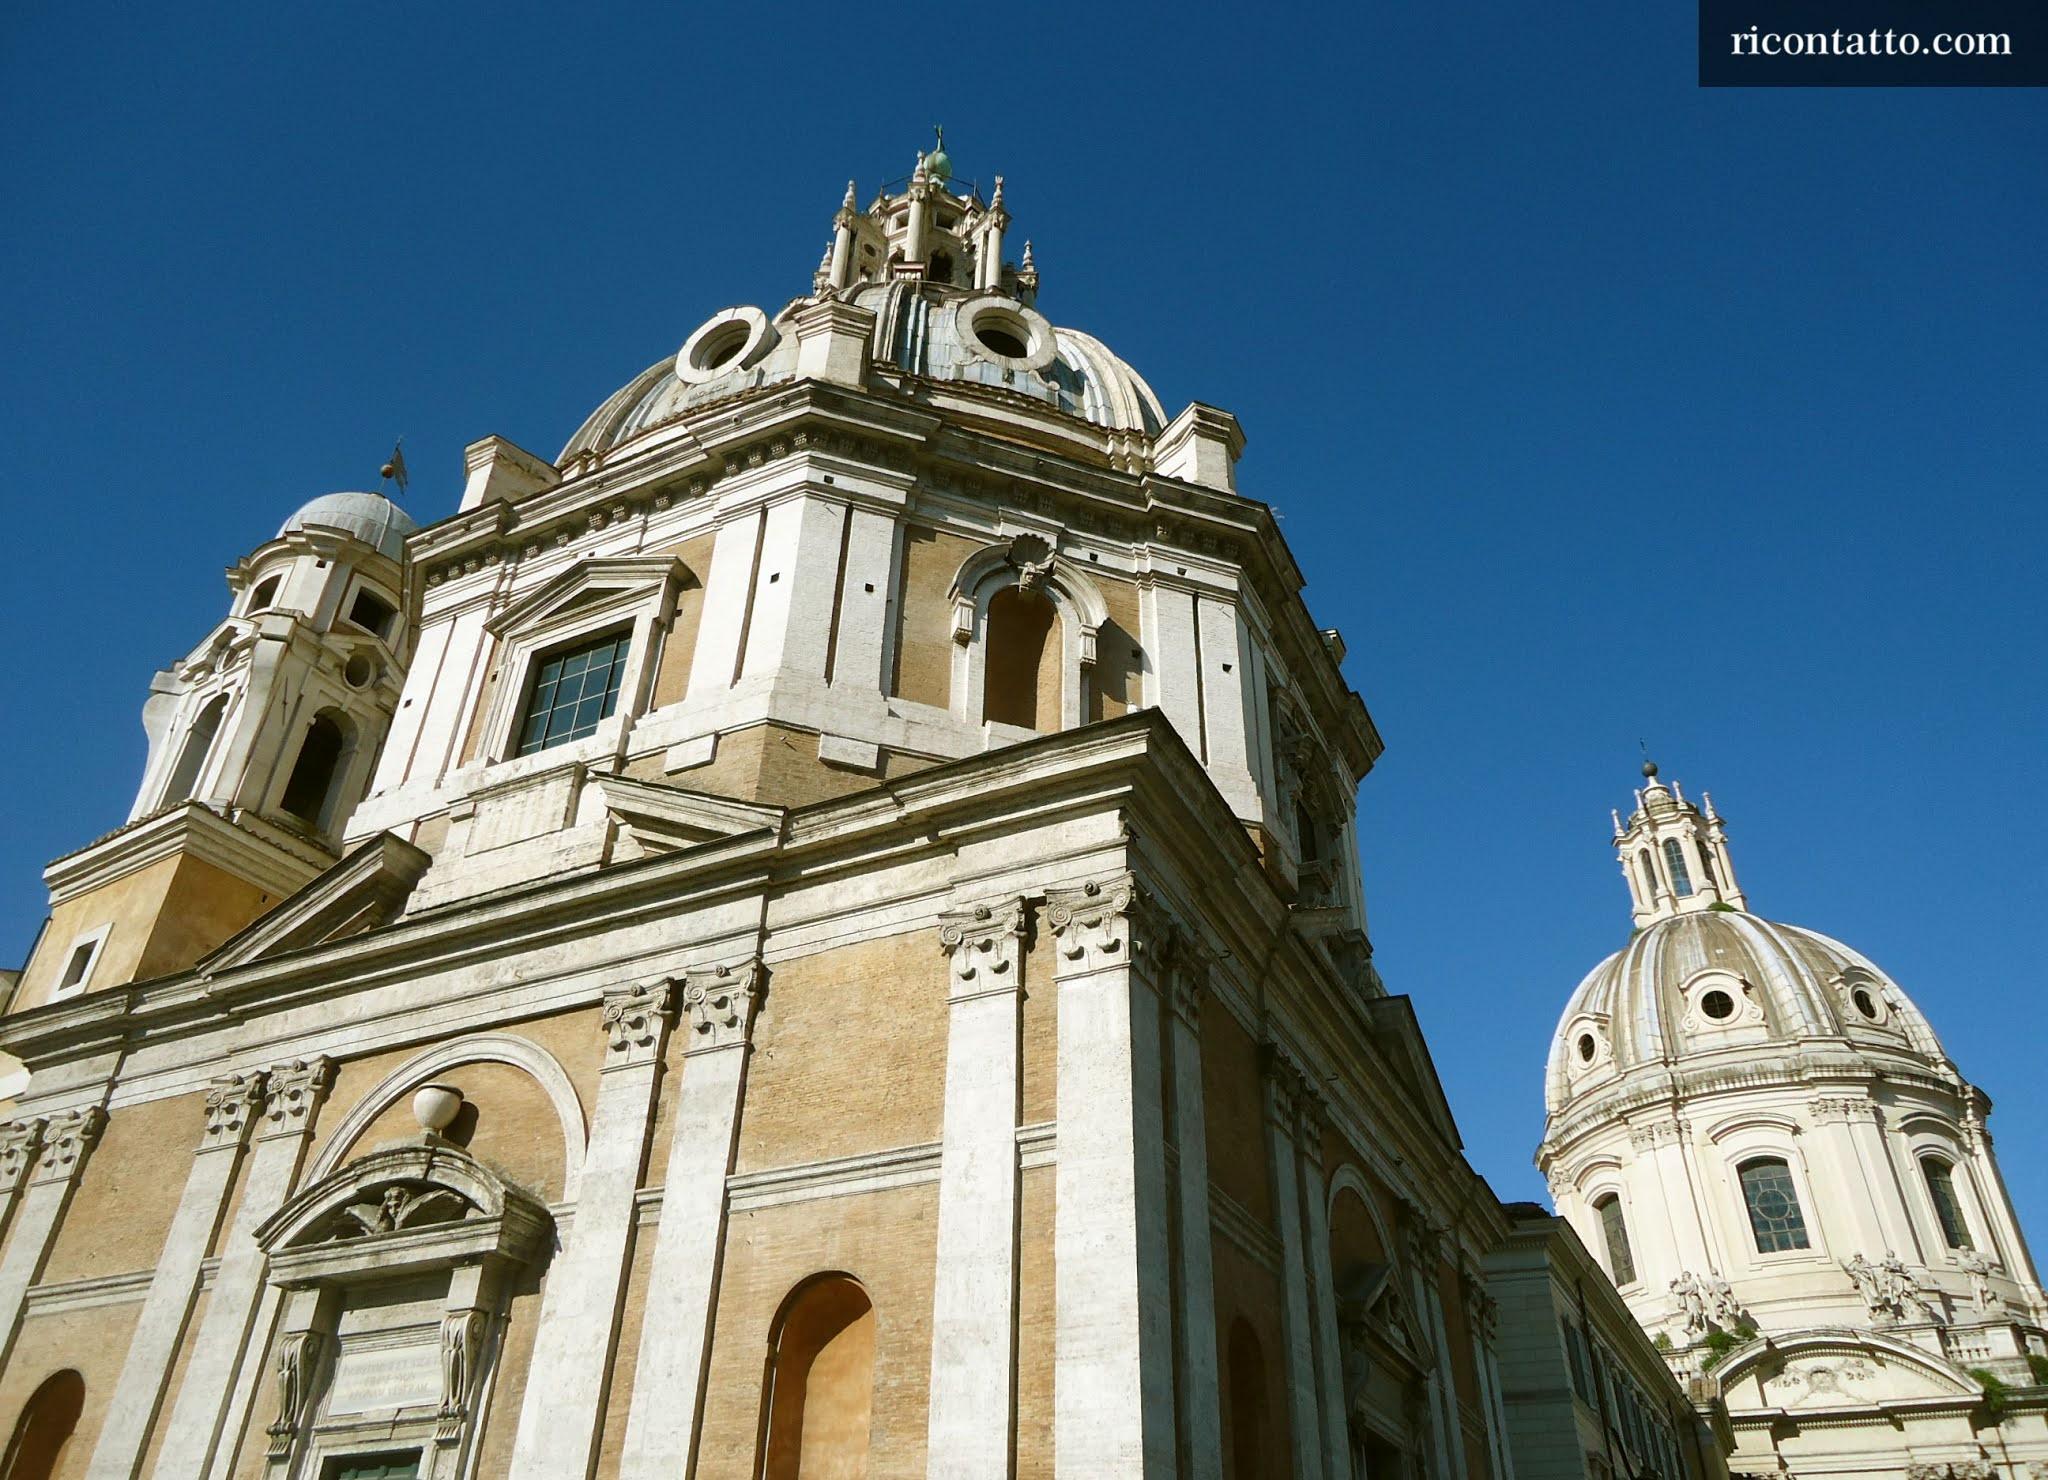 Roma, Lazio, Italy - Photo #17 by Ricontatto.com